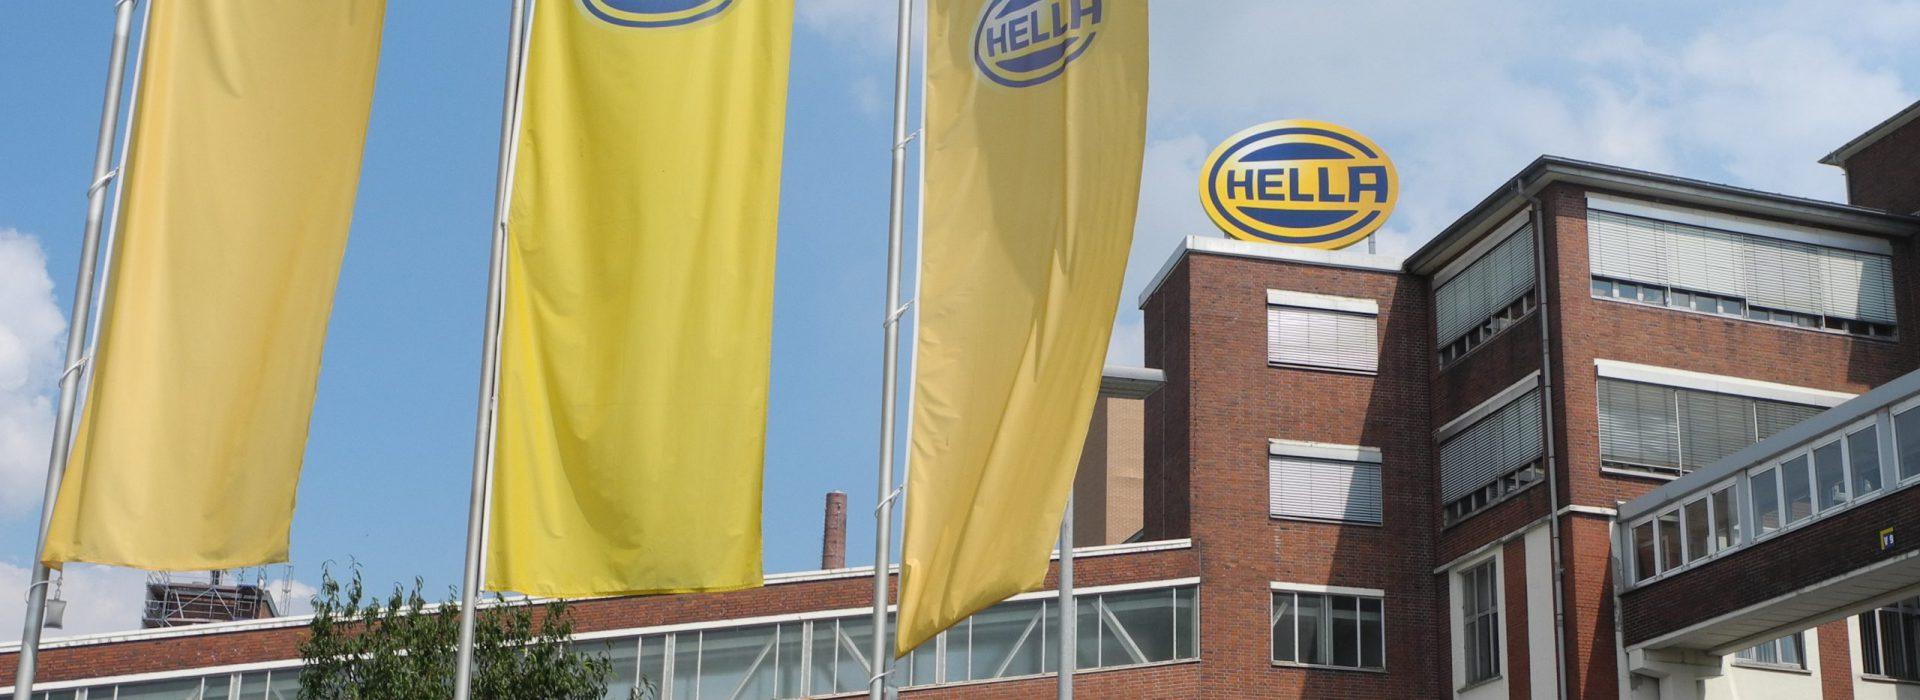 HELLA_Standort_Lippstadt_neu